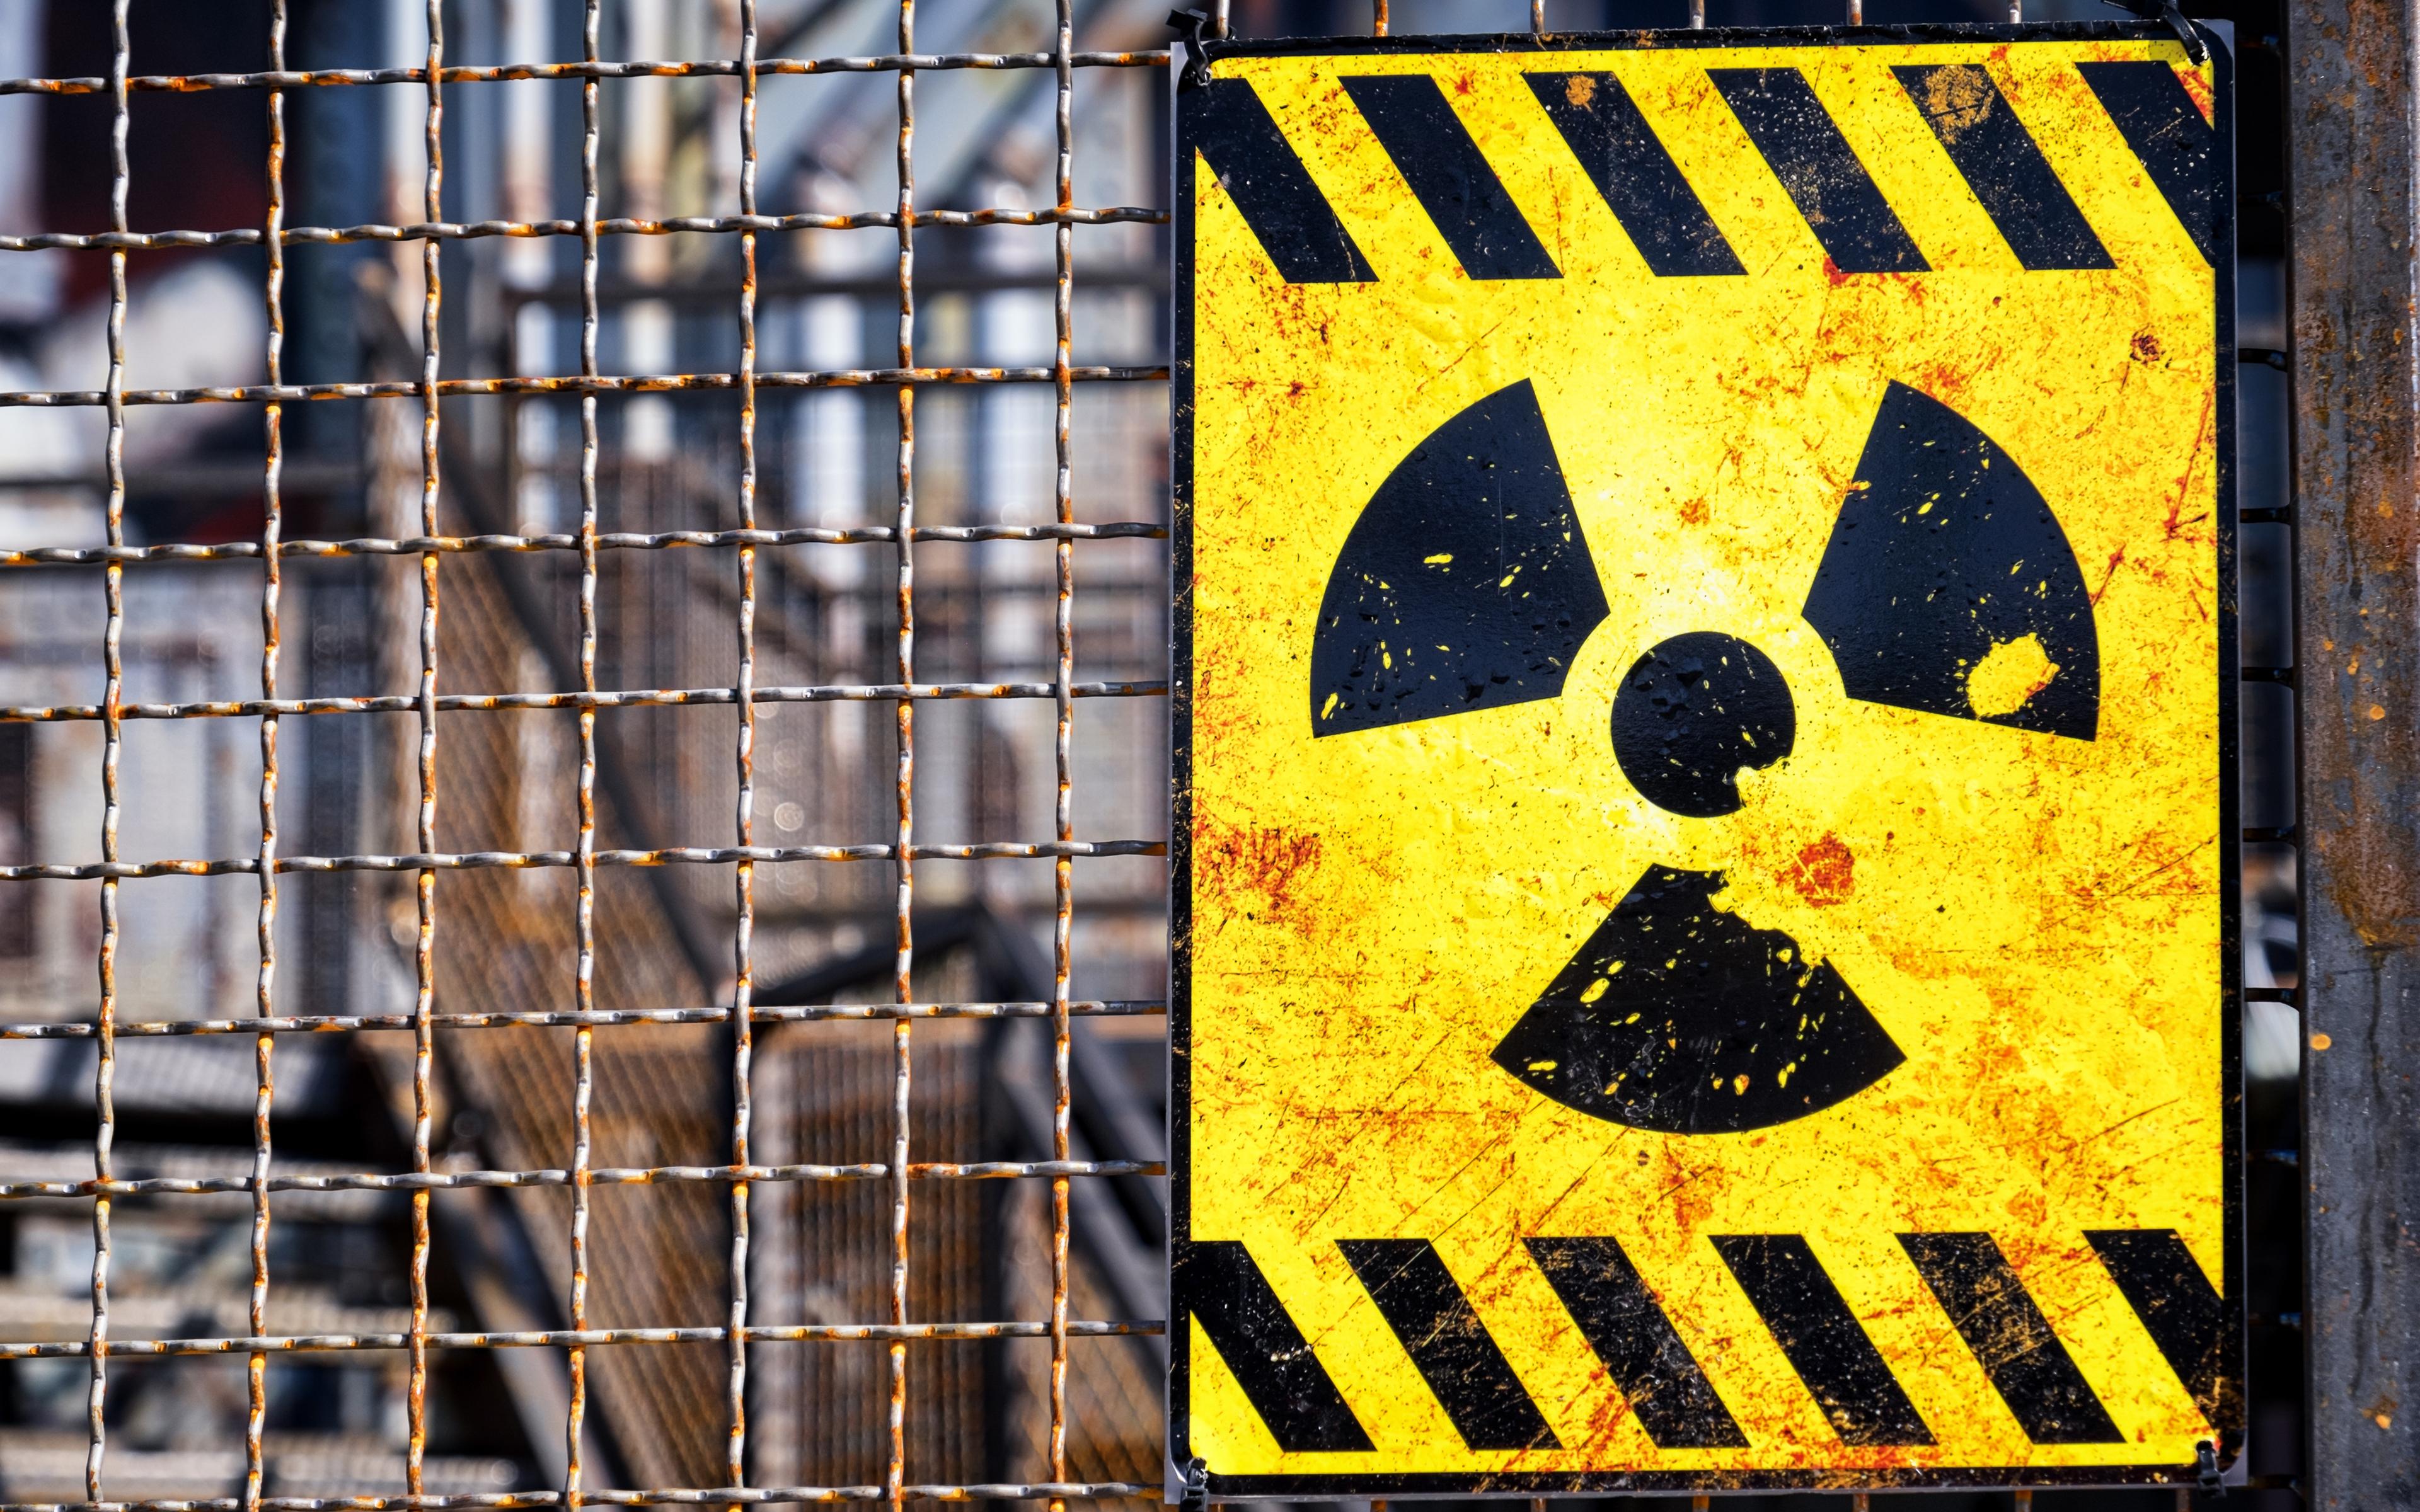 знак радиации фото картинка улице солянка